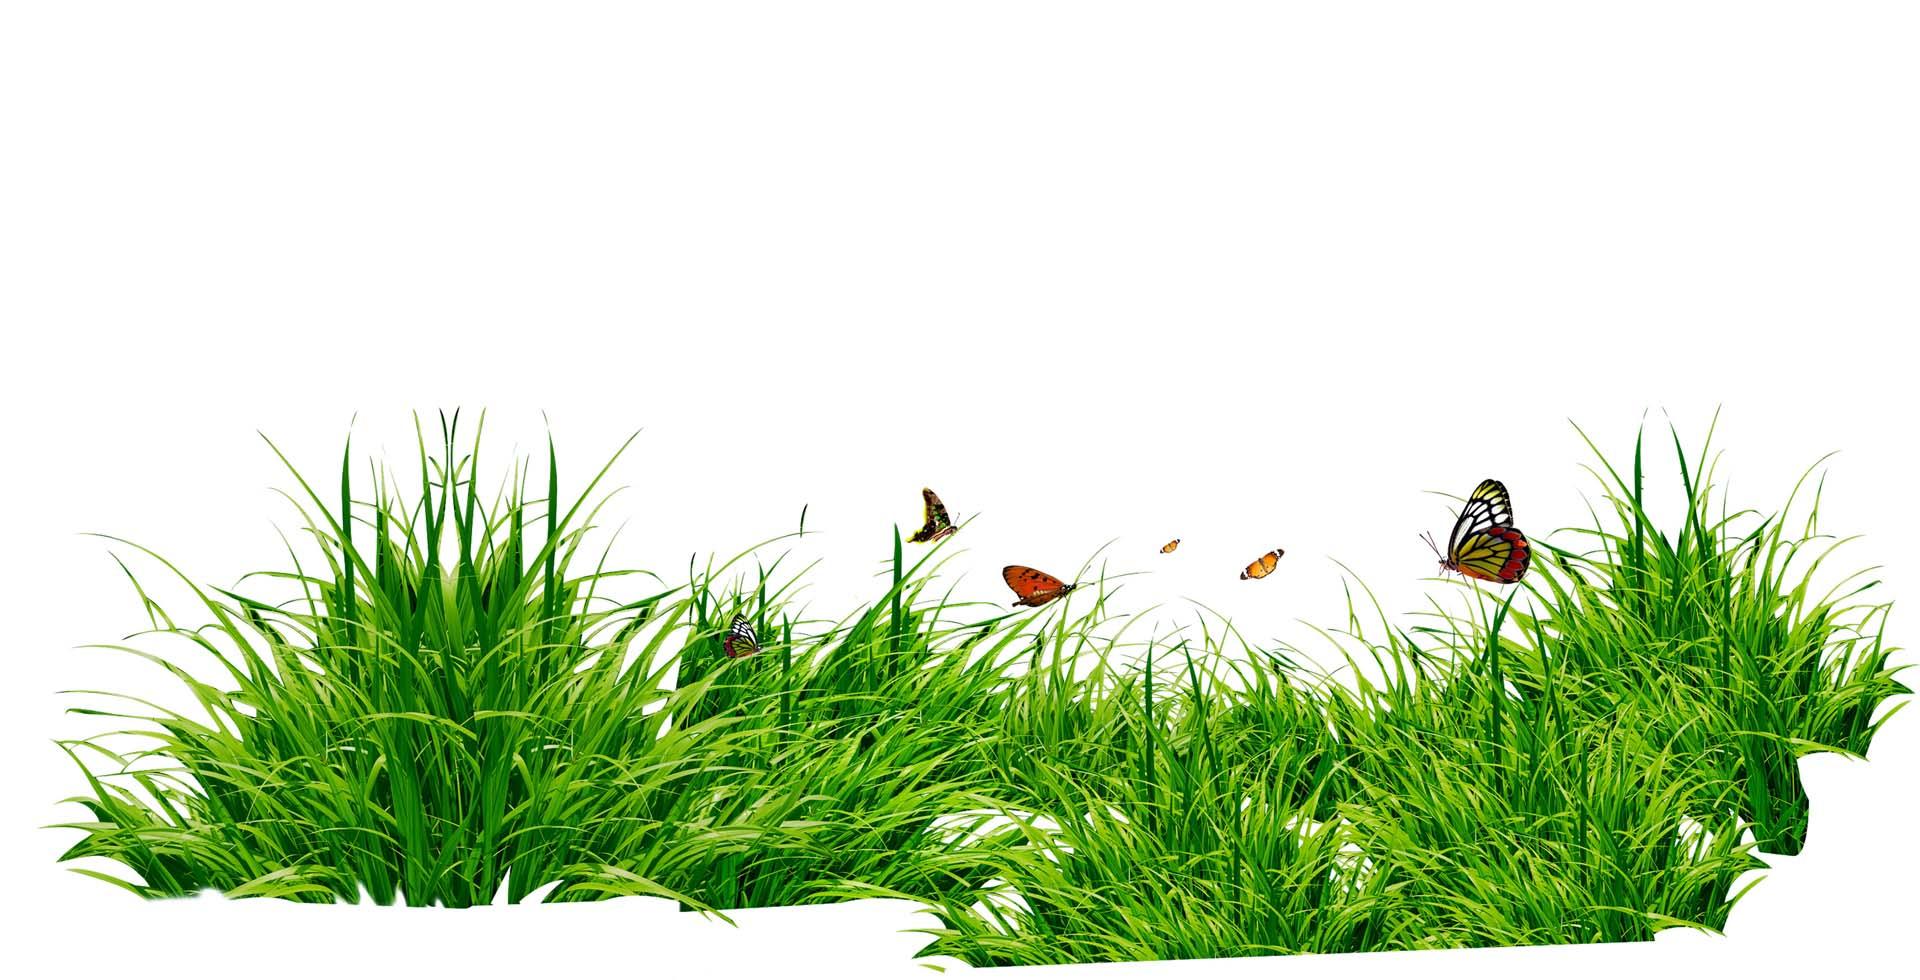 Картинка для группы лужайка